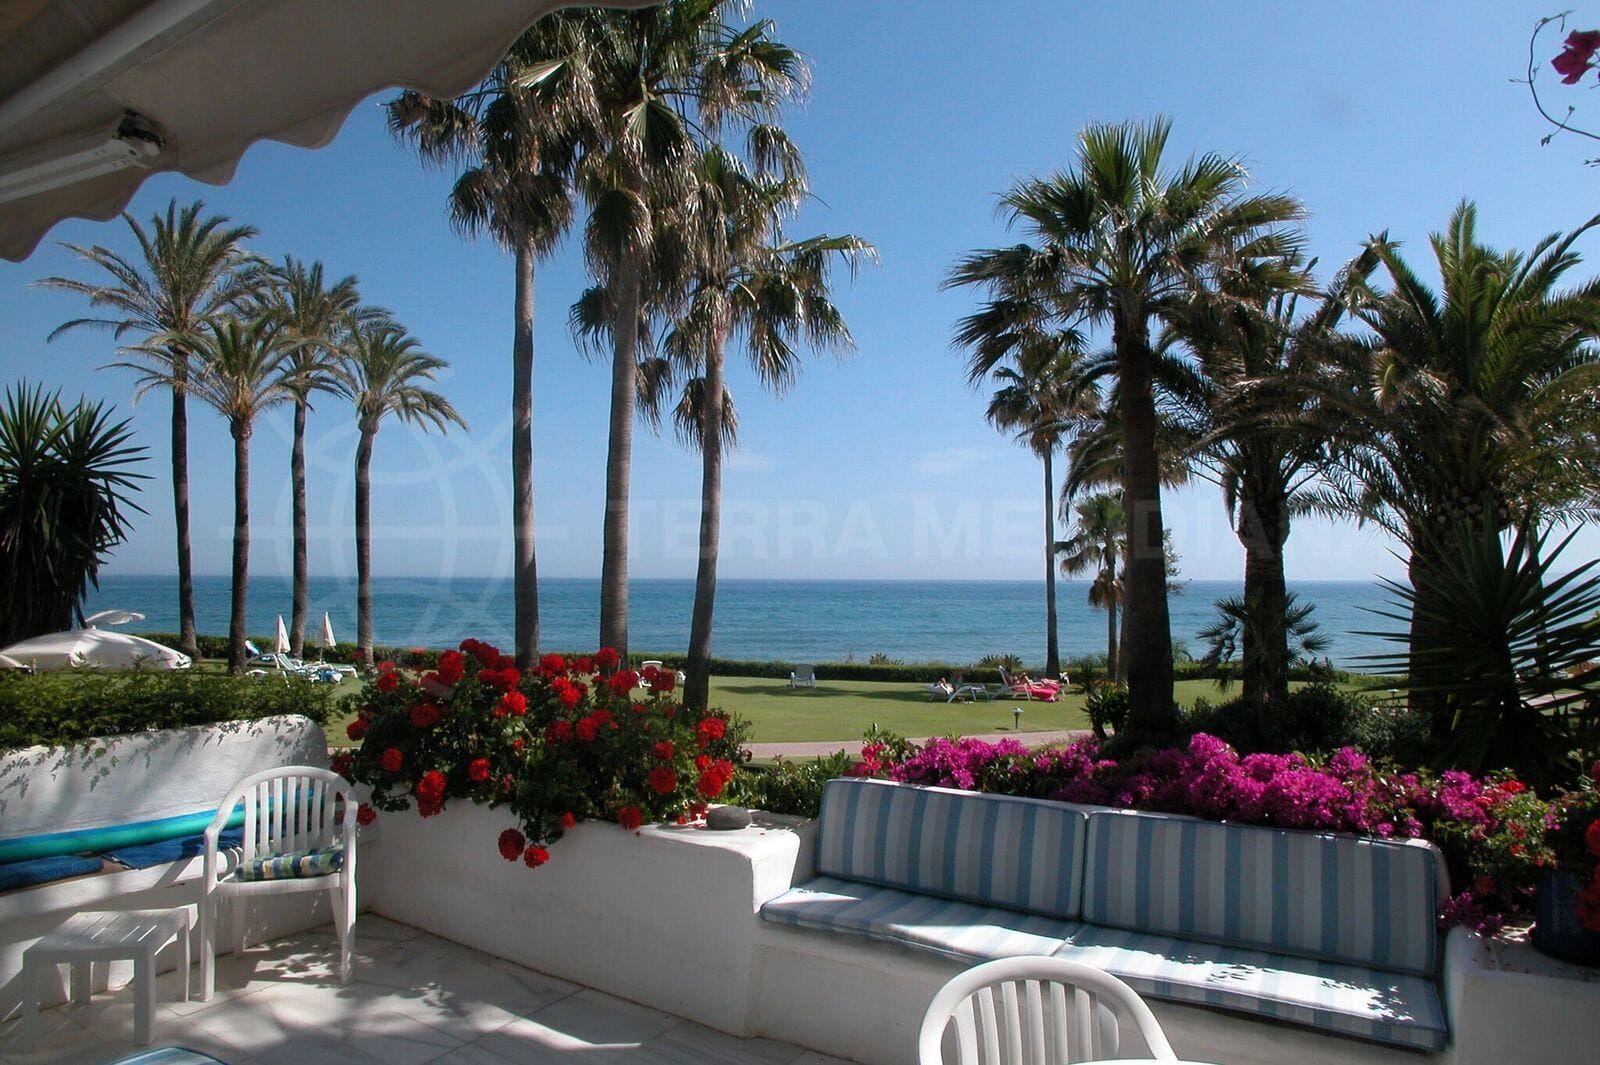 Alcazaba Beach guide | Living in Alcazaba Beach, Estepona